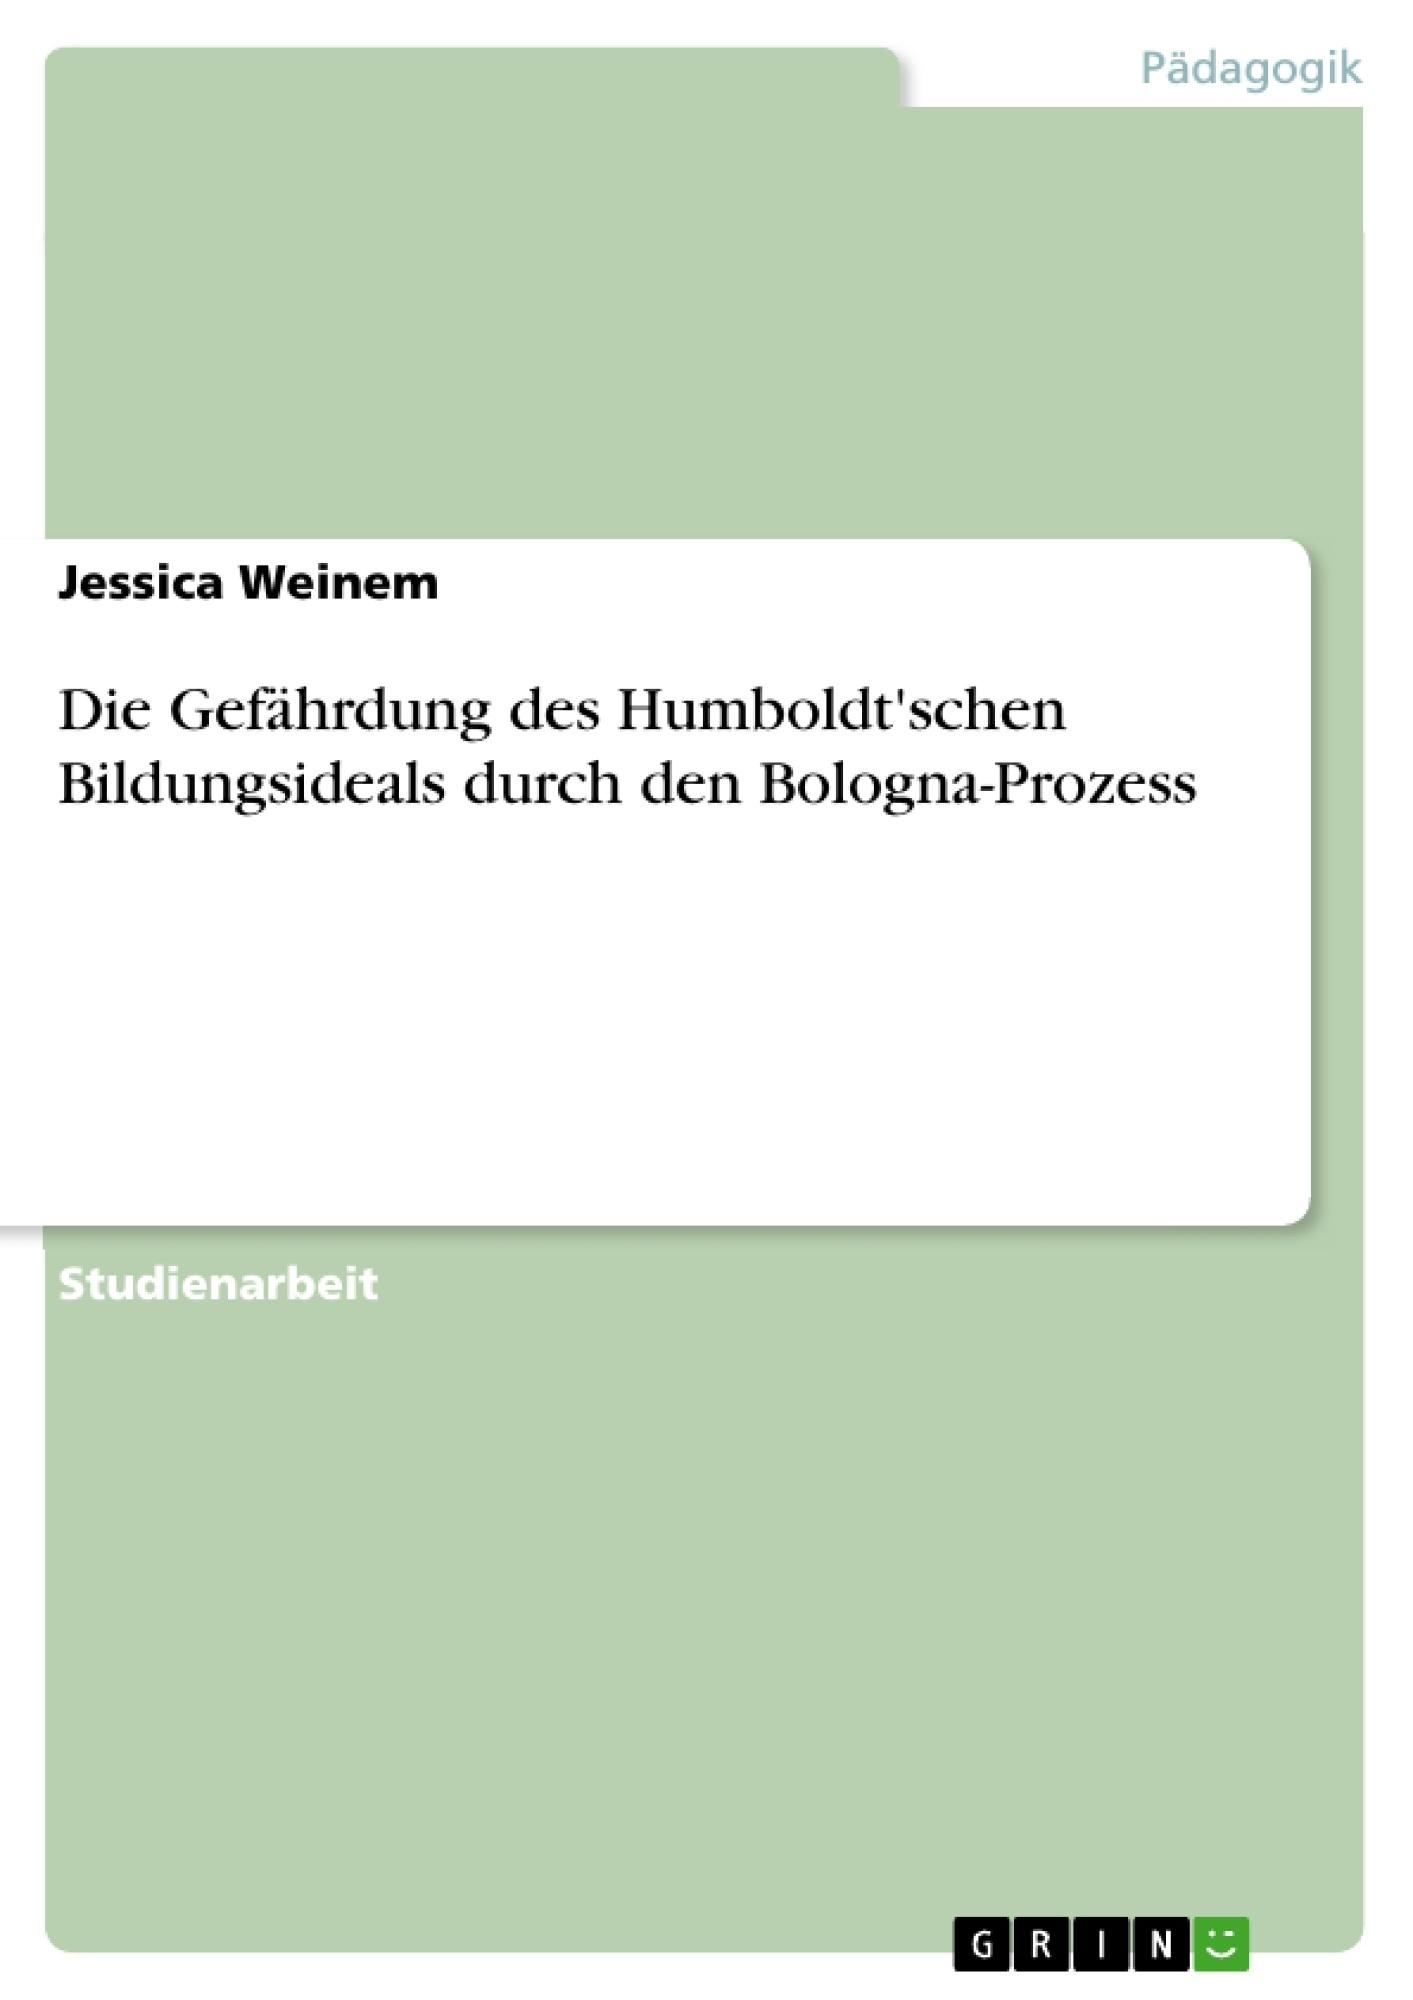 Titel: Die Gefährdung des Humboldt'schen Bildungsideals durch den Bologna-Prozess